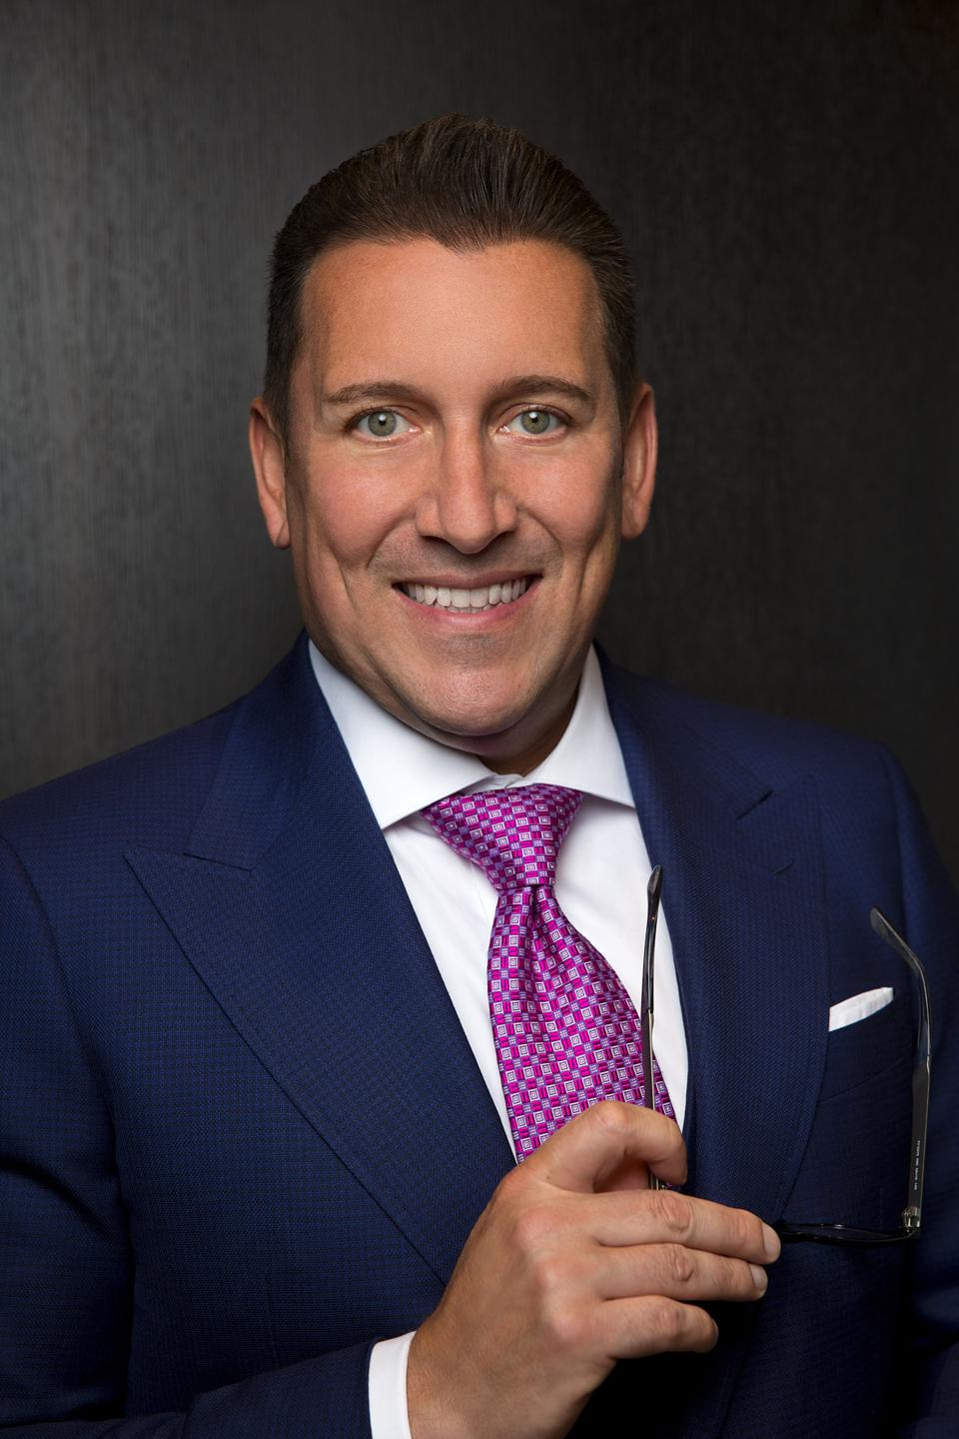 Jonathan Kleiman, directeur général, UBS